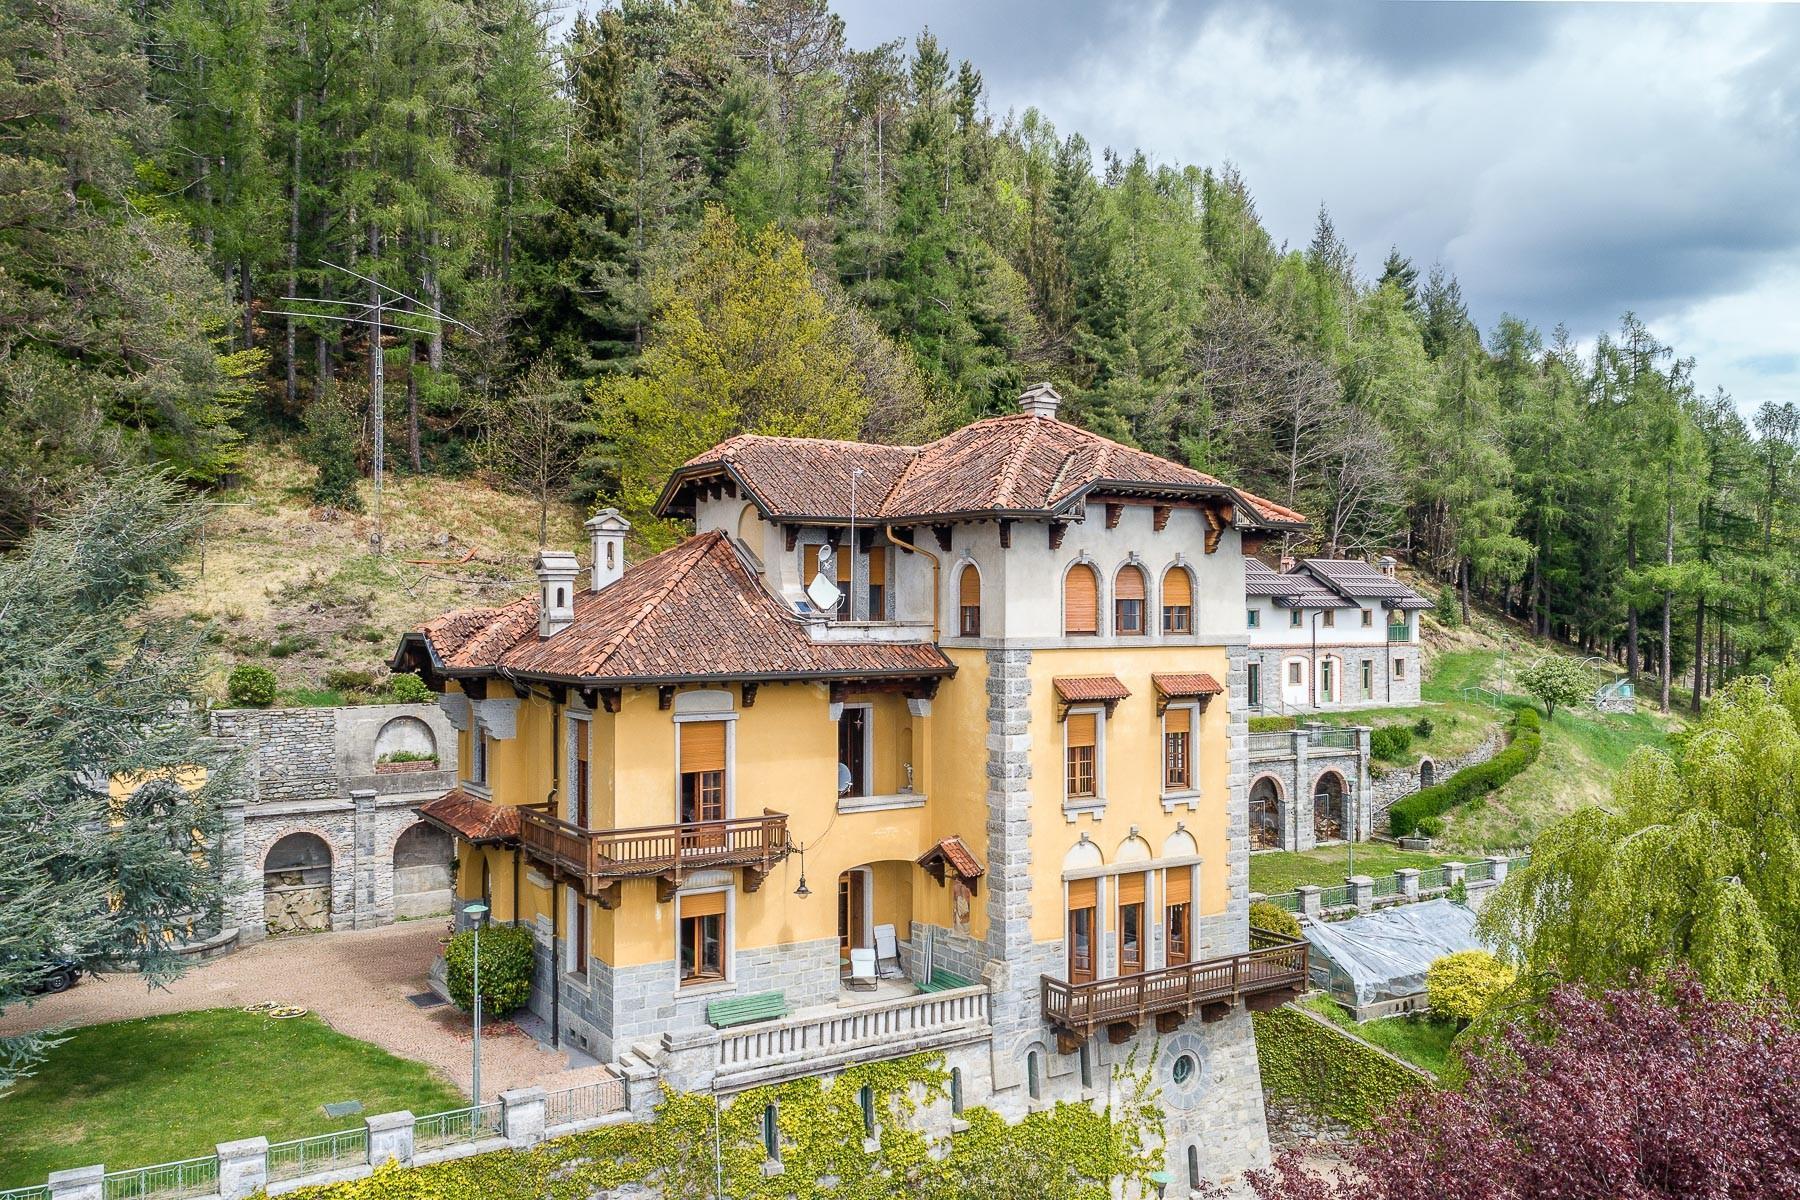 Villa storica in parco centenario sul lago Maggiore - 6